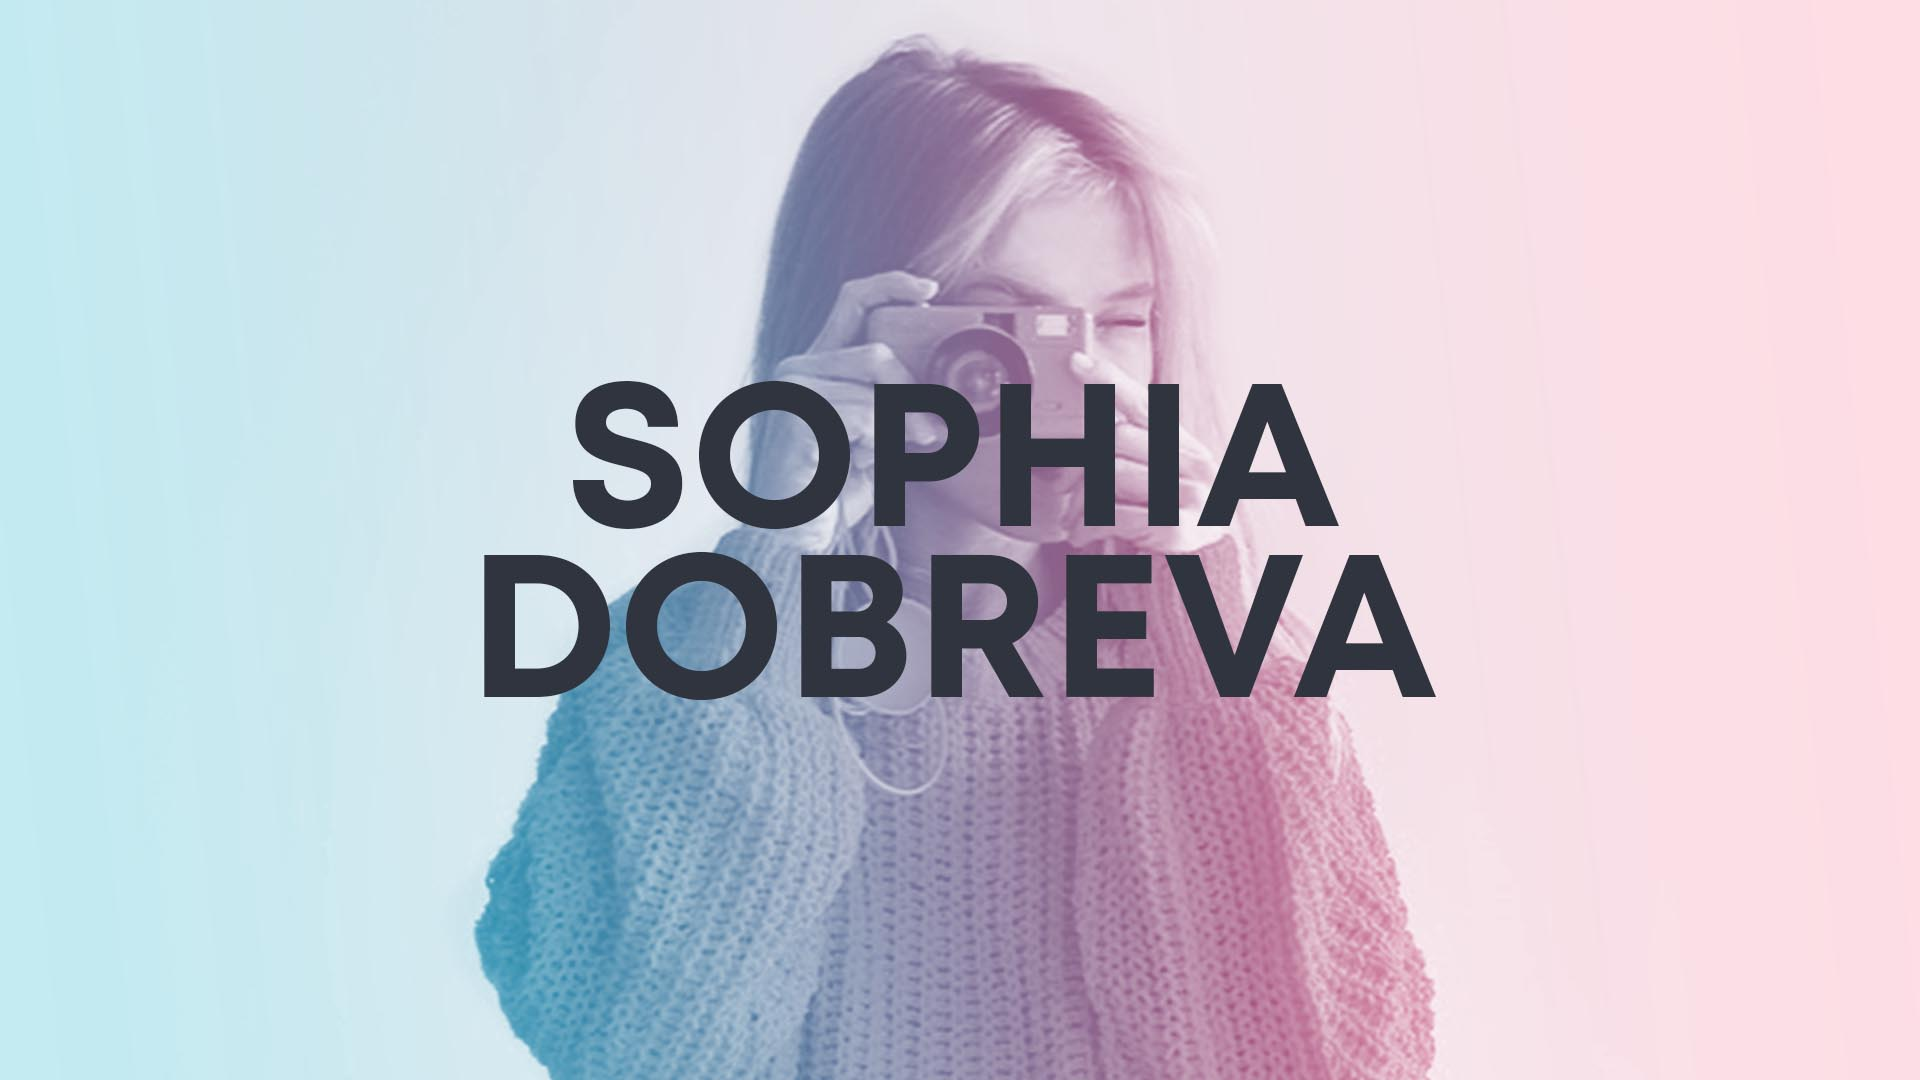 SOPHIA DOBREVA Yesframe Author Service Image